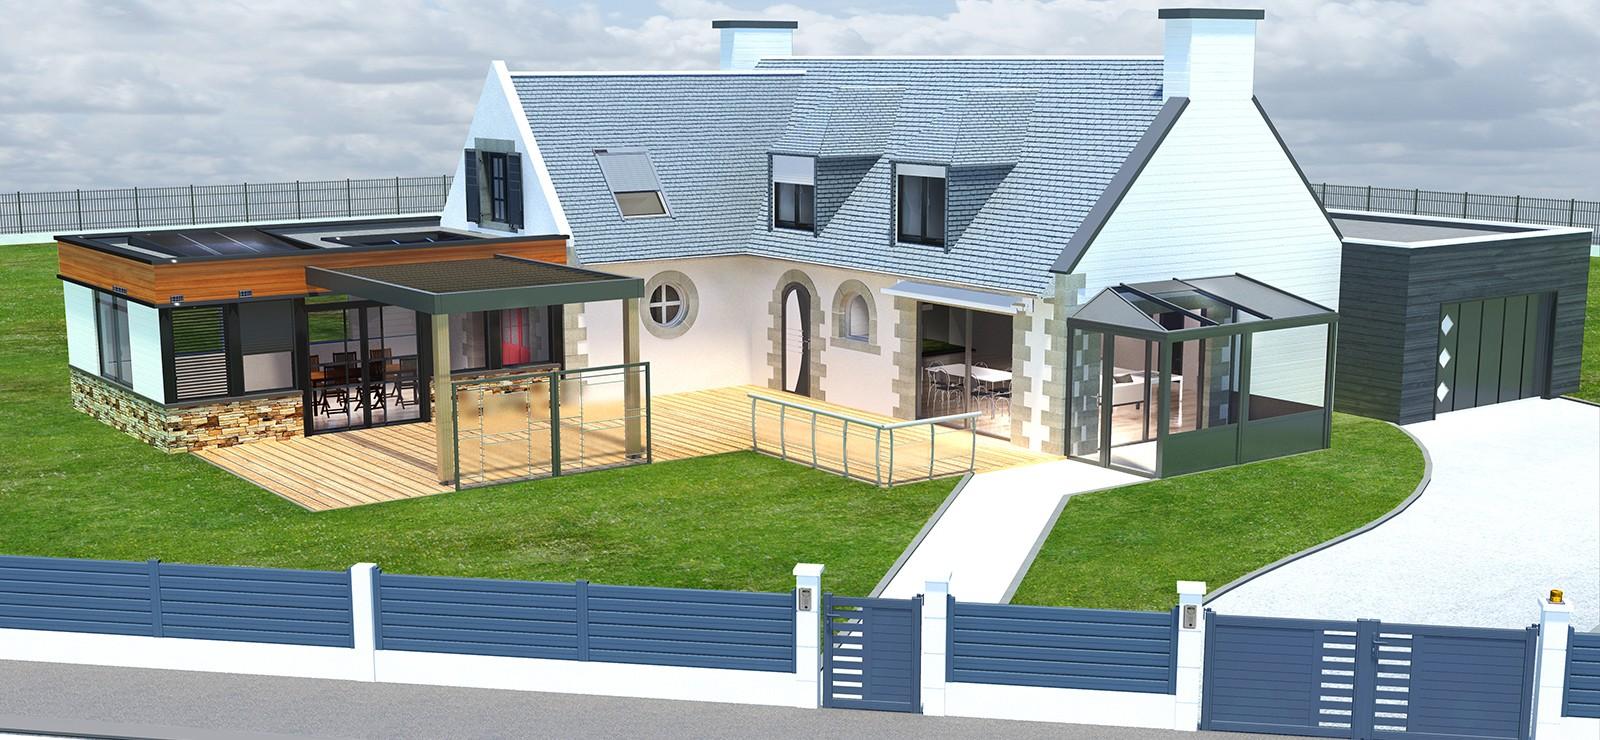 Fenêtre, porte-fenêtre, baie vitrée coulissante, PVC - ALU